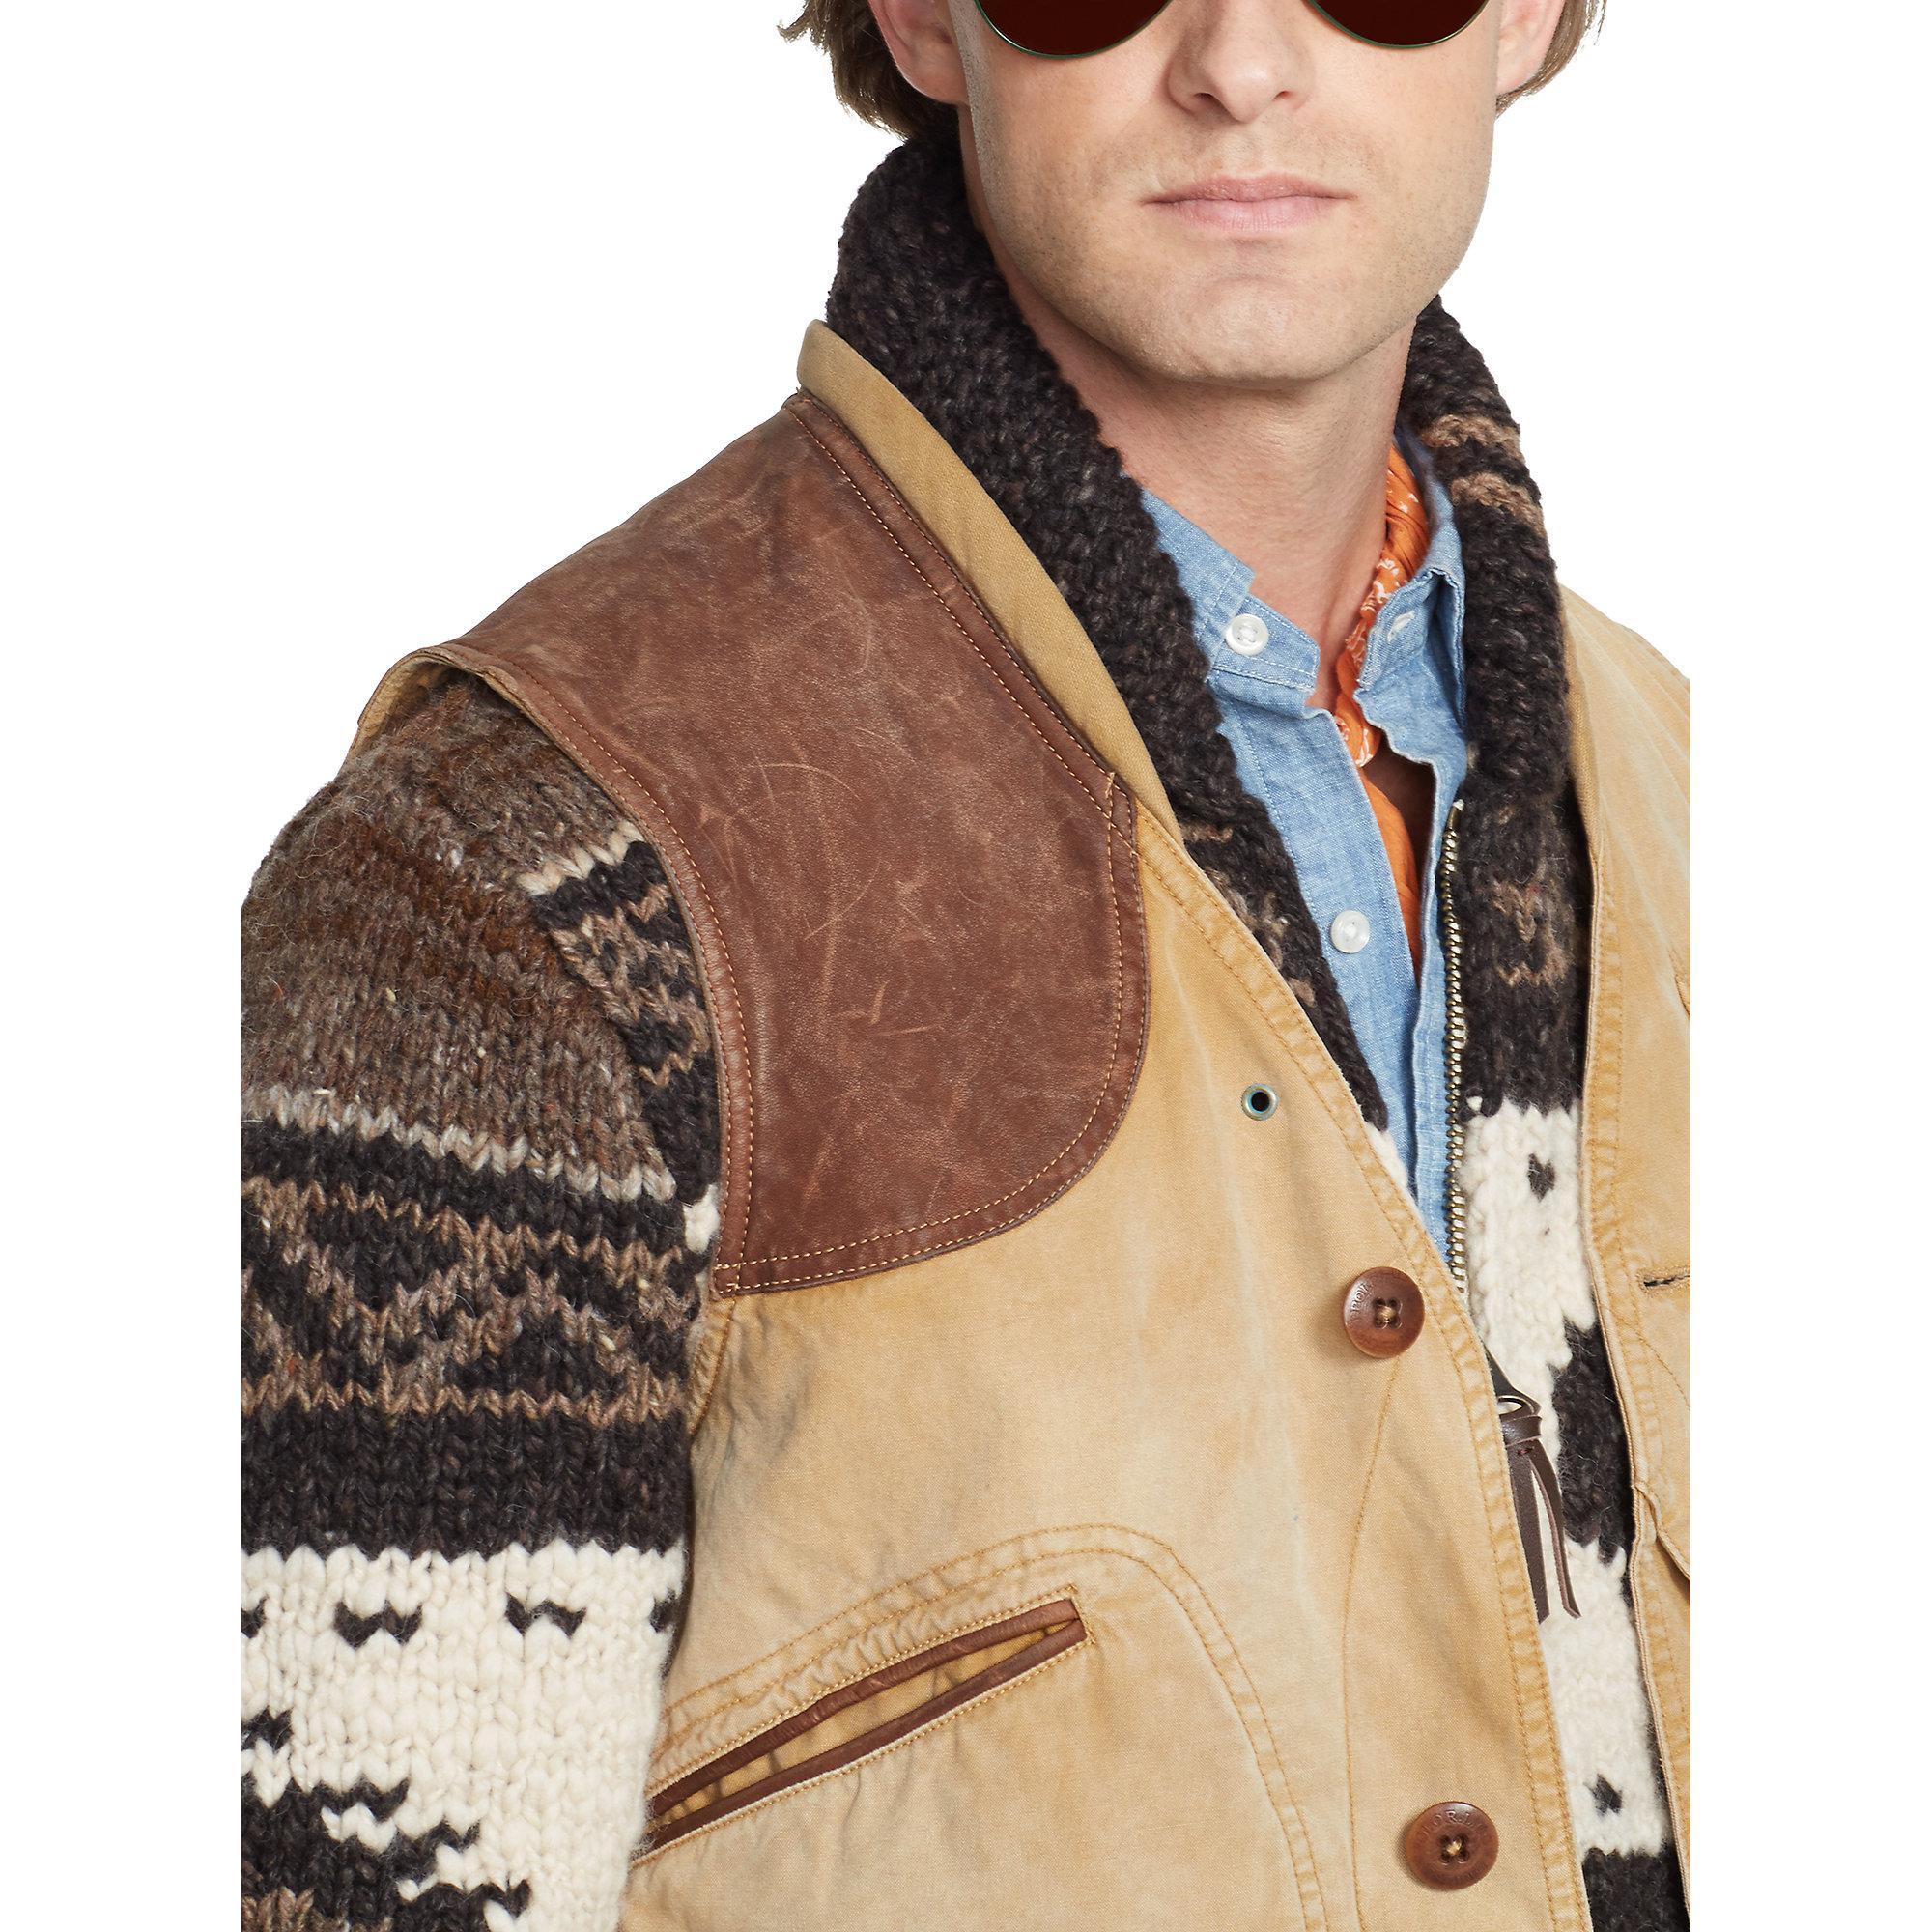 275d65c3c polo ralph lauren canvas shopper bag polo lauren jacket